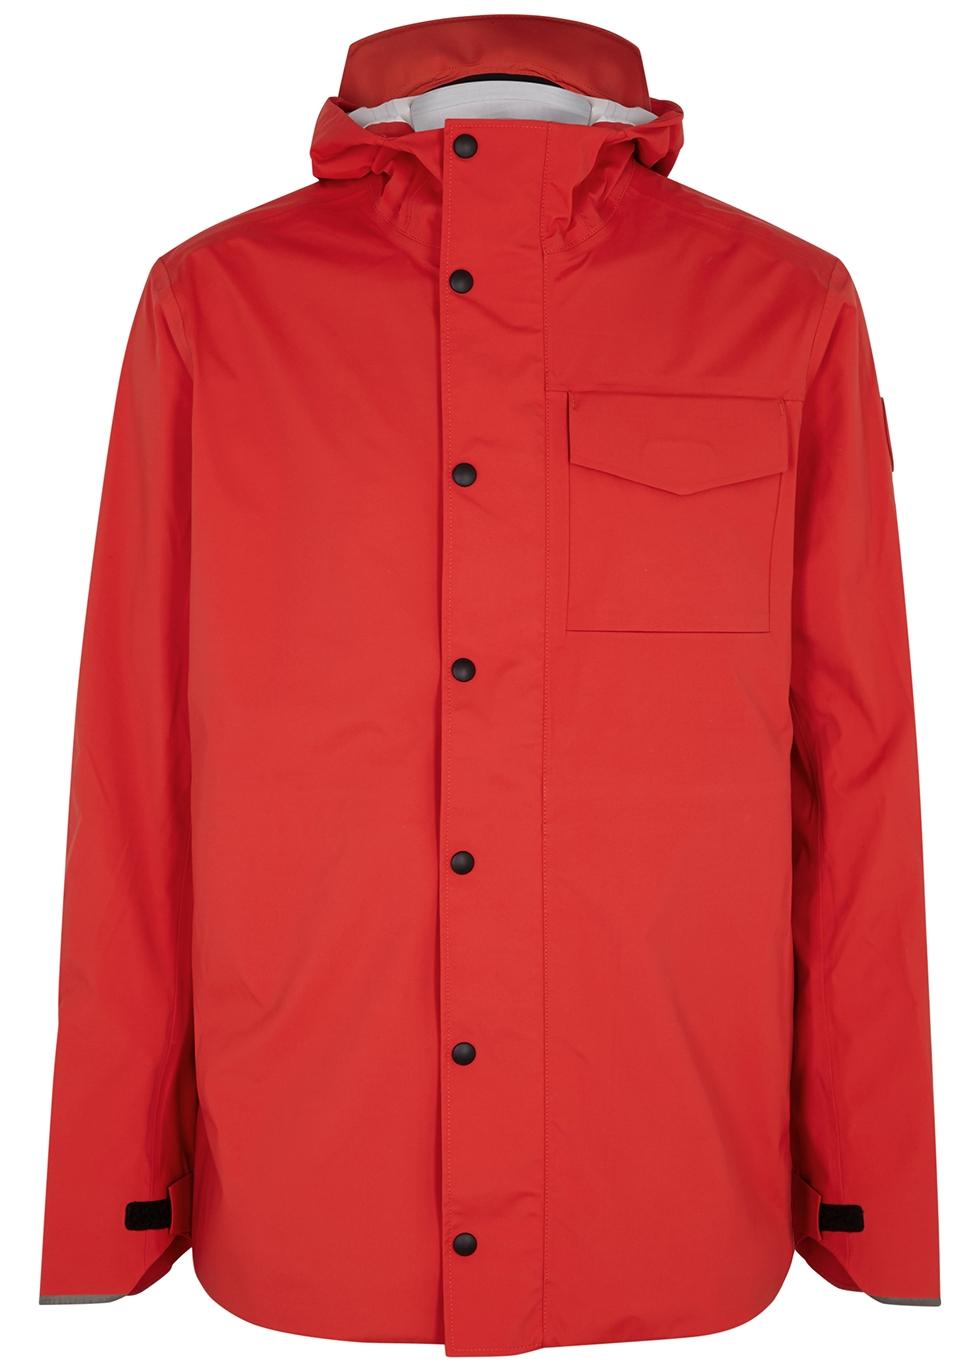 Nanaimo red Tri-Durance shell jacket